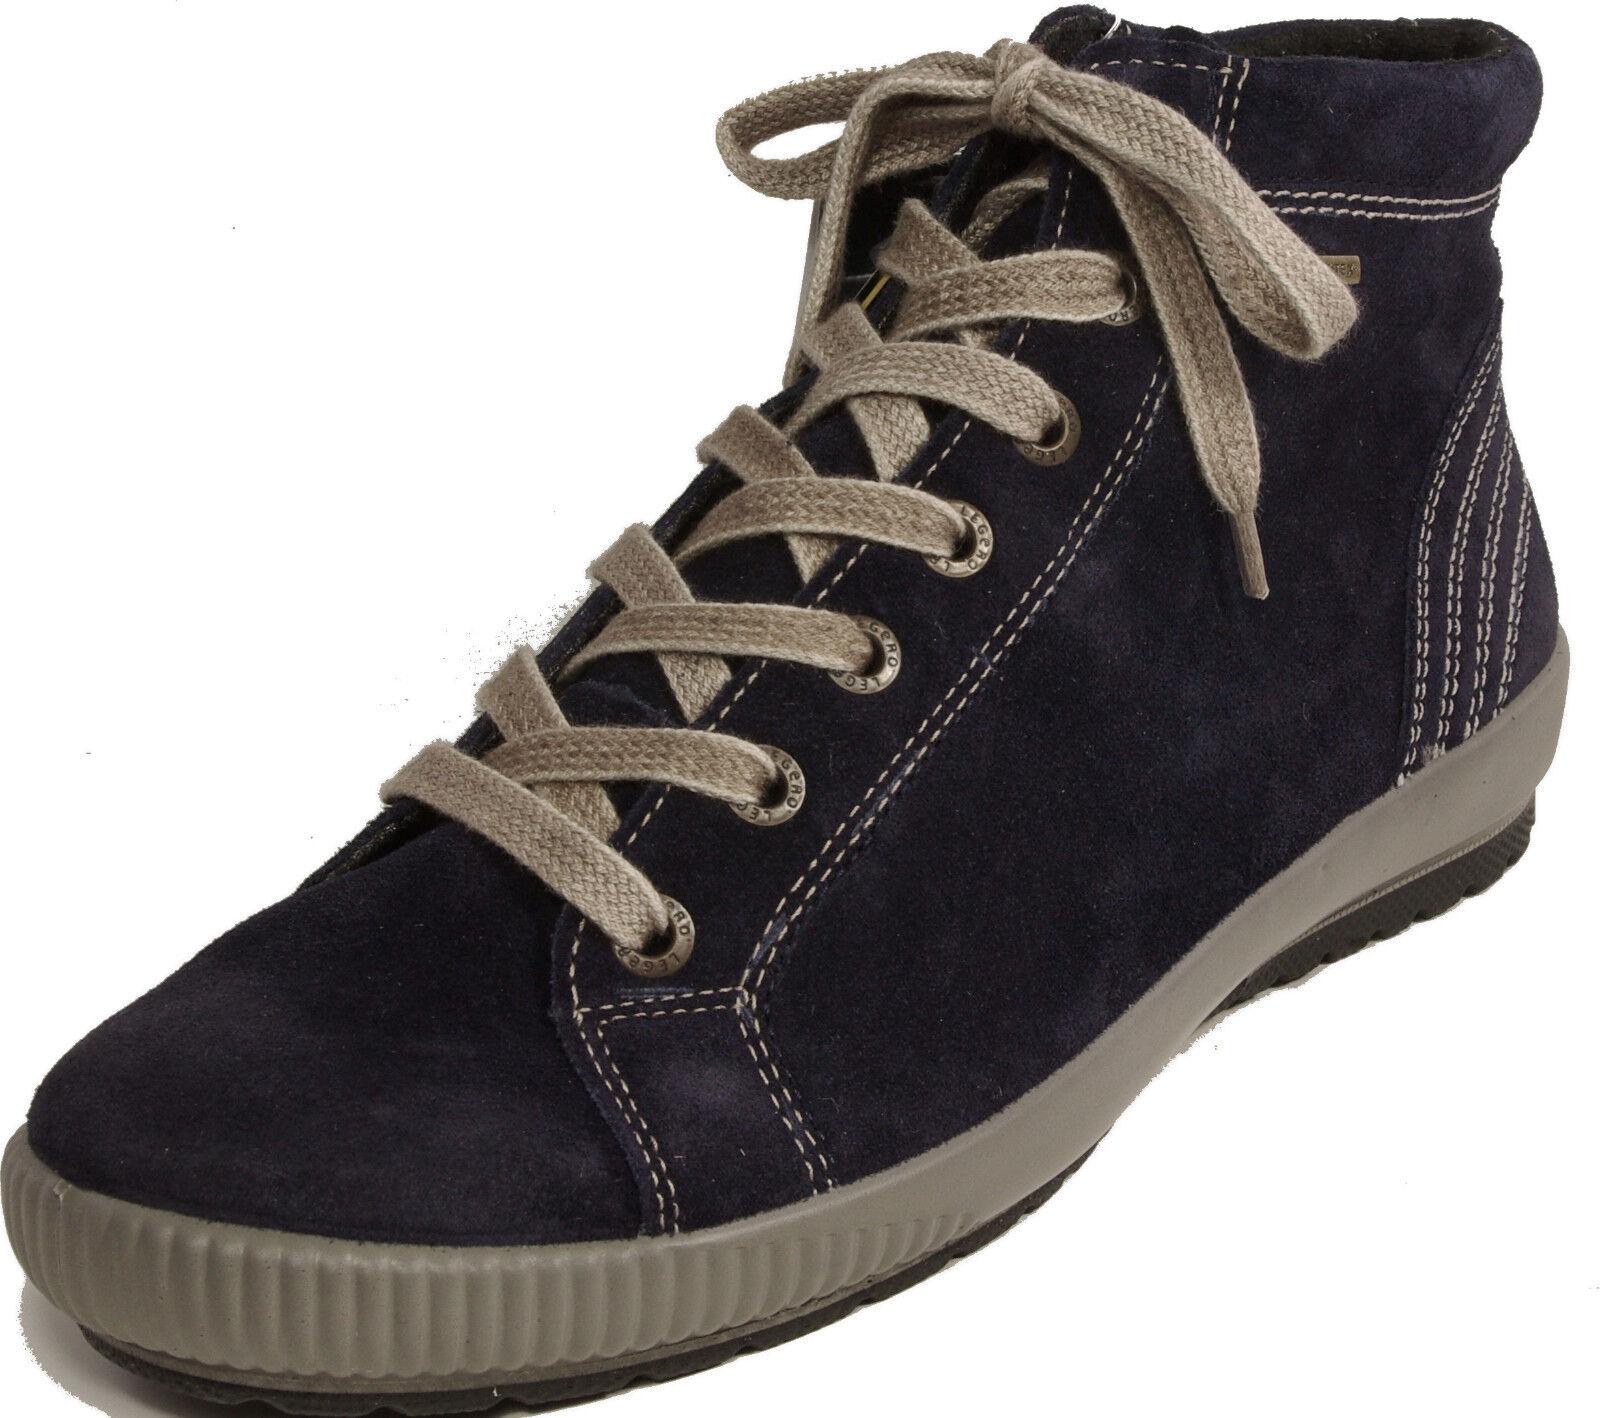 Legero Stivaletto stringato stivaletti velluto boots blu pelle di velluto stivaletti G-larghezza Gore Tex Nuovo 0a279c